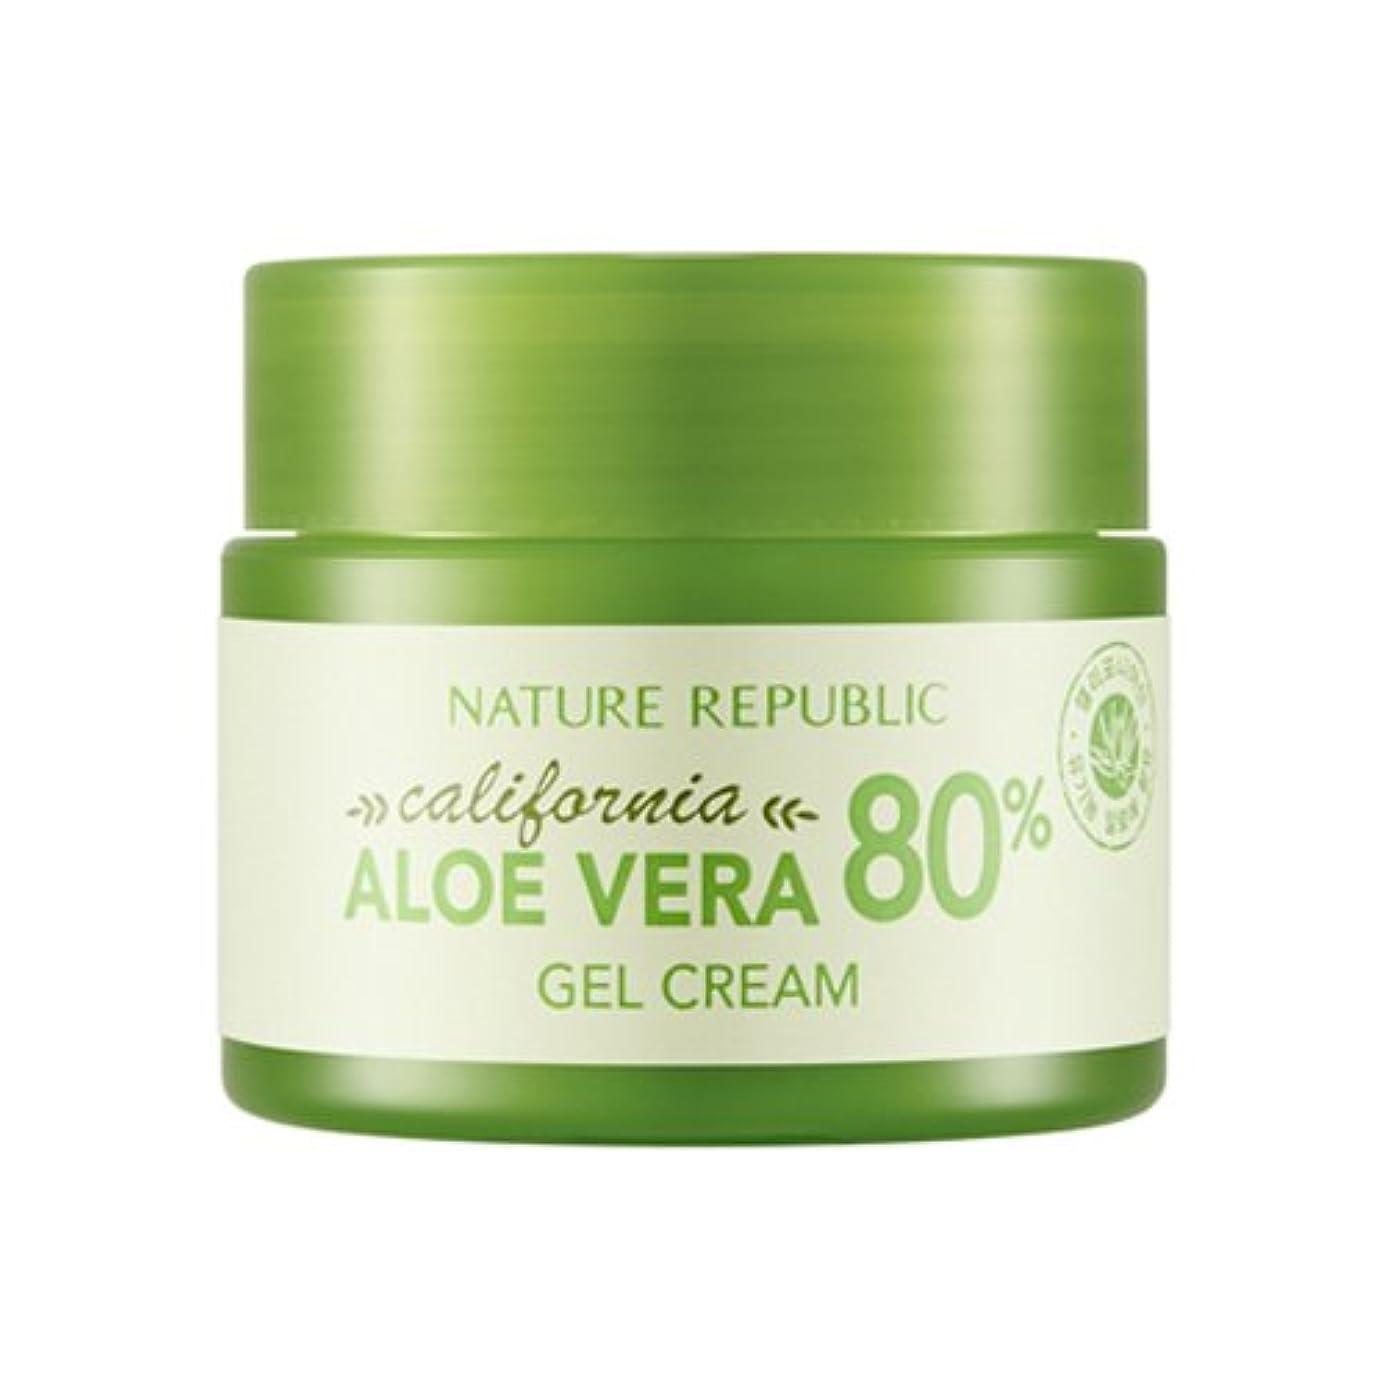 忠実に大人十分に[ネイチャーリパブリック] Nature Republic カリフォルニアアロエベラ80%のゲルクリーム California Aloe Vera 80% Gel Cream [並行輸入品]